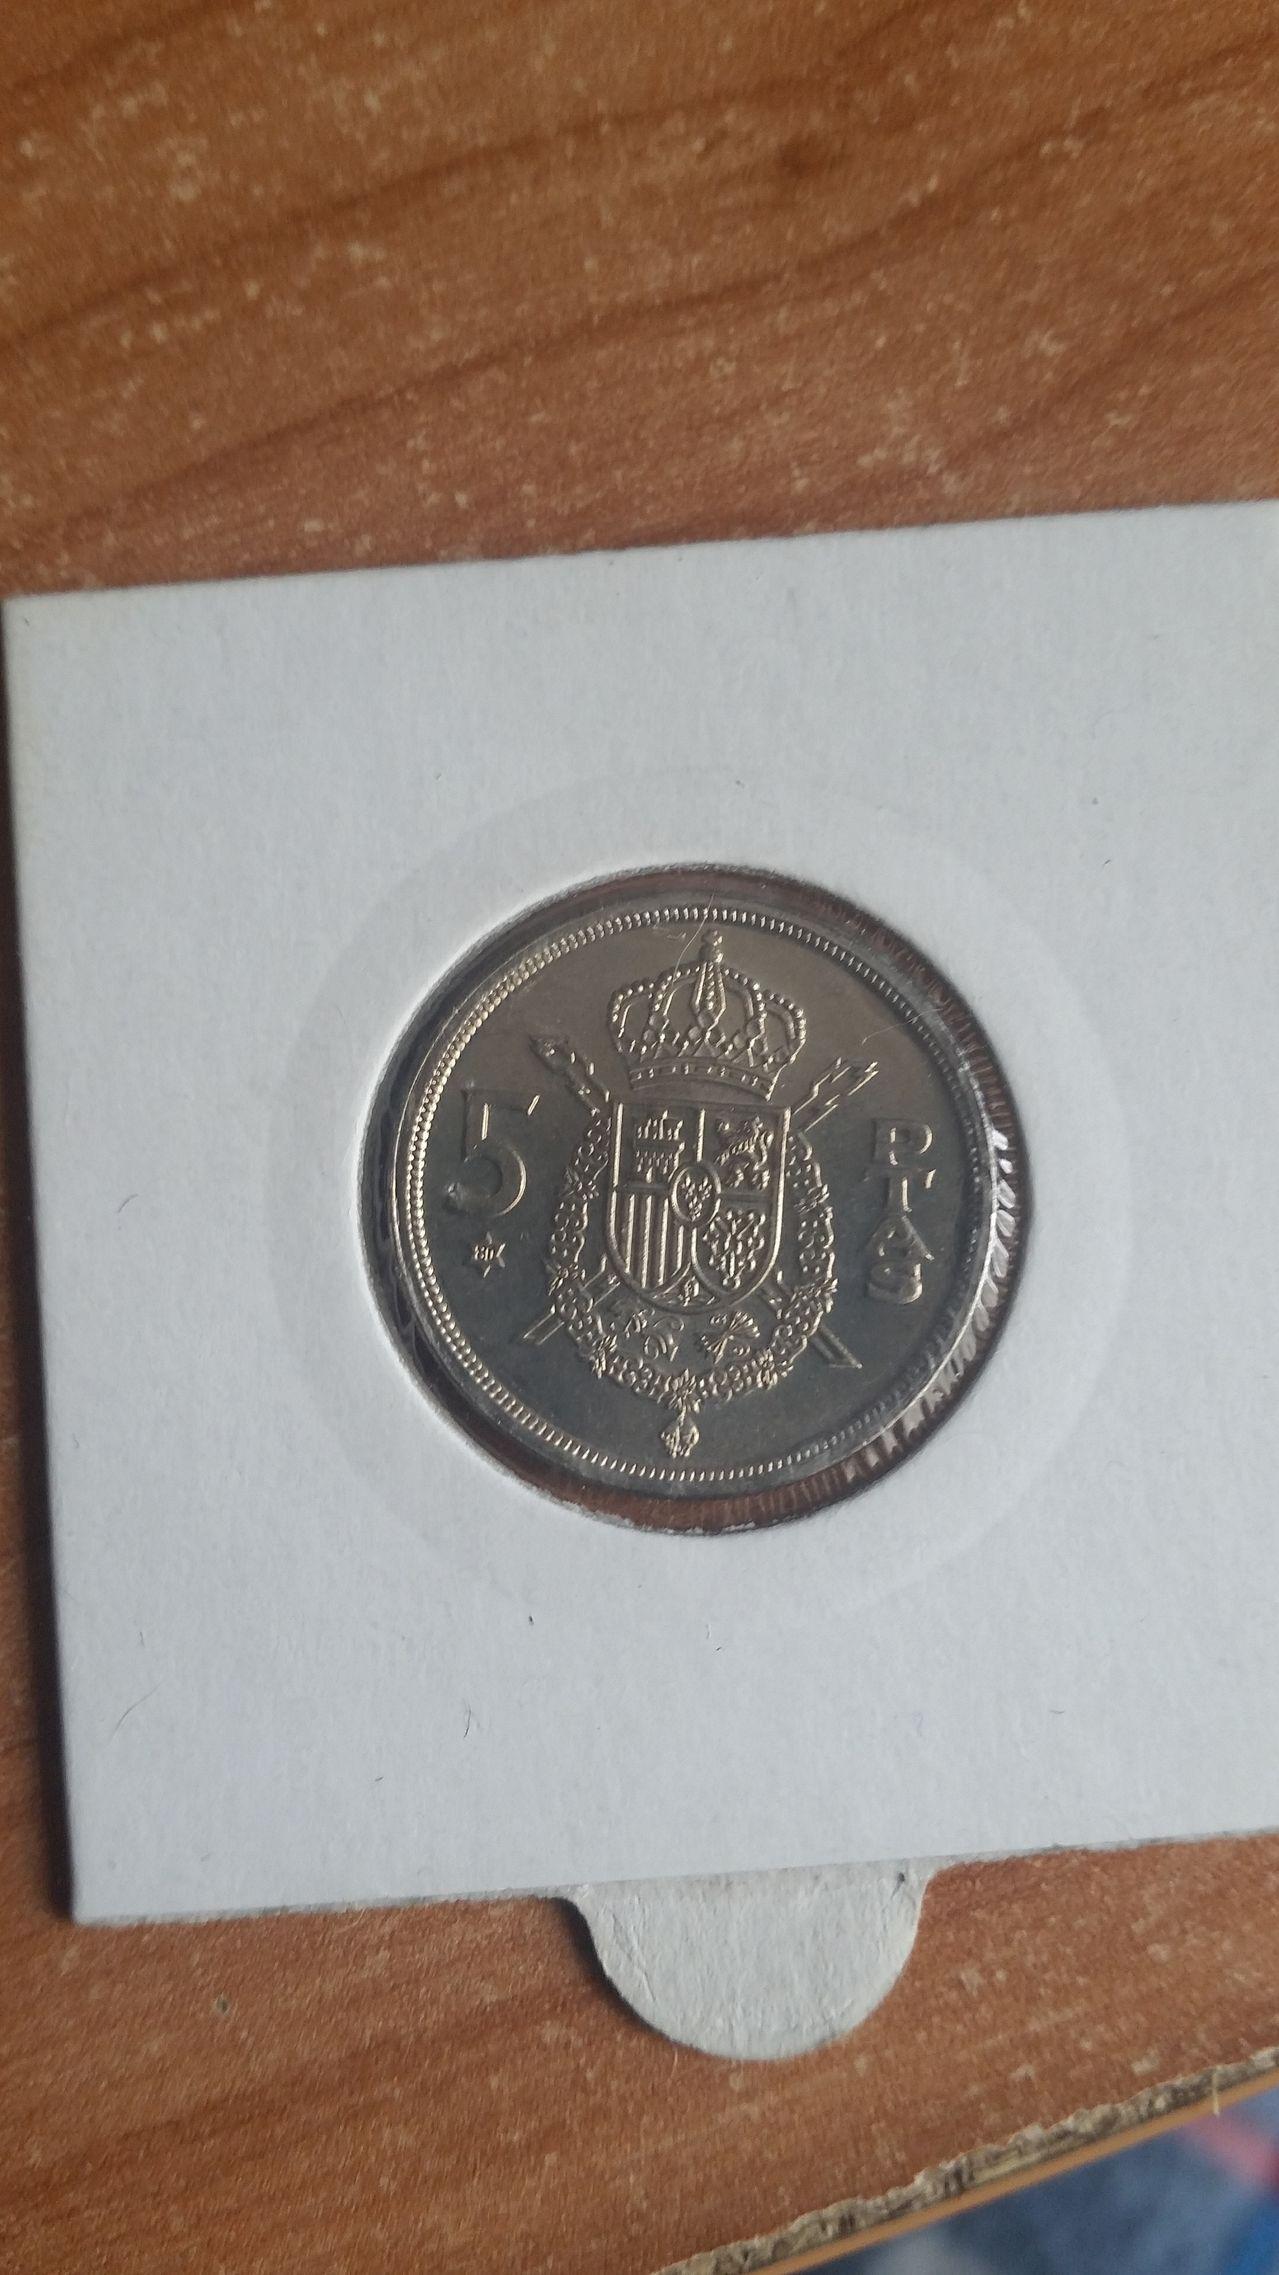 5 pesetas 1975 *80 globo crucífero 20160424_141614